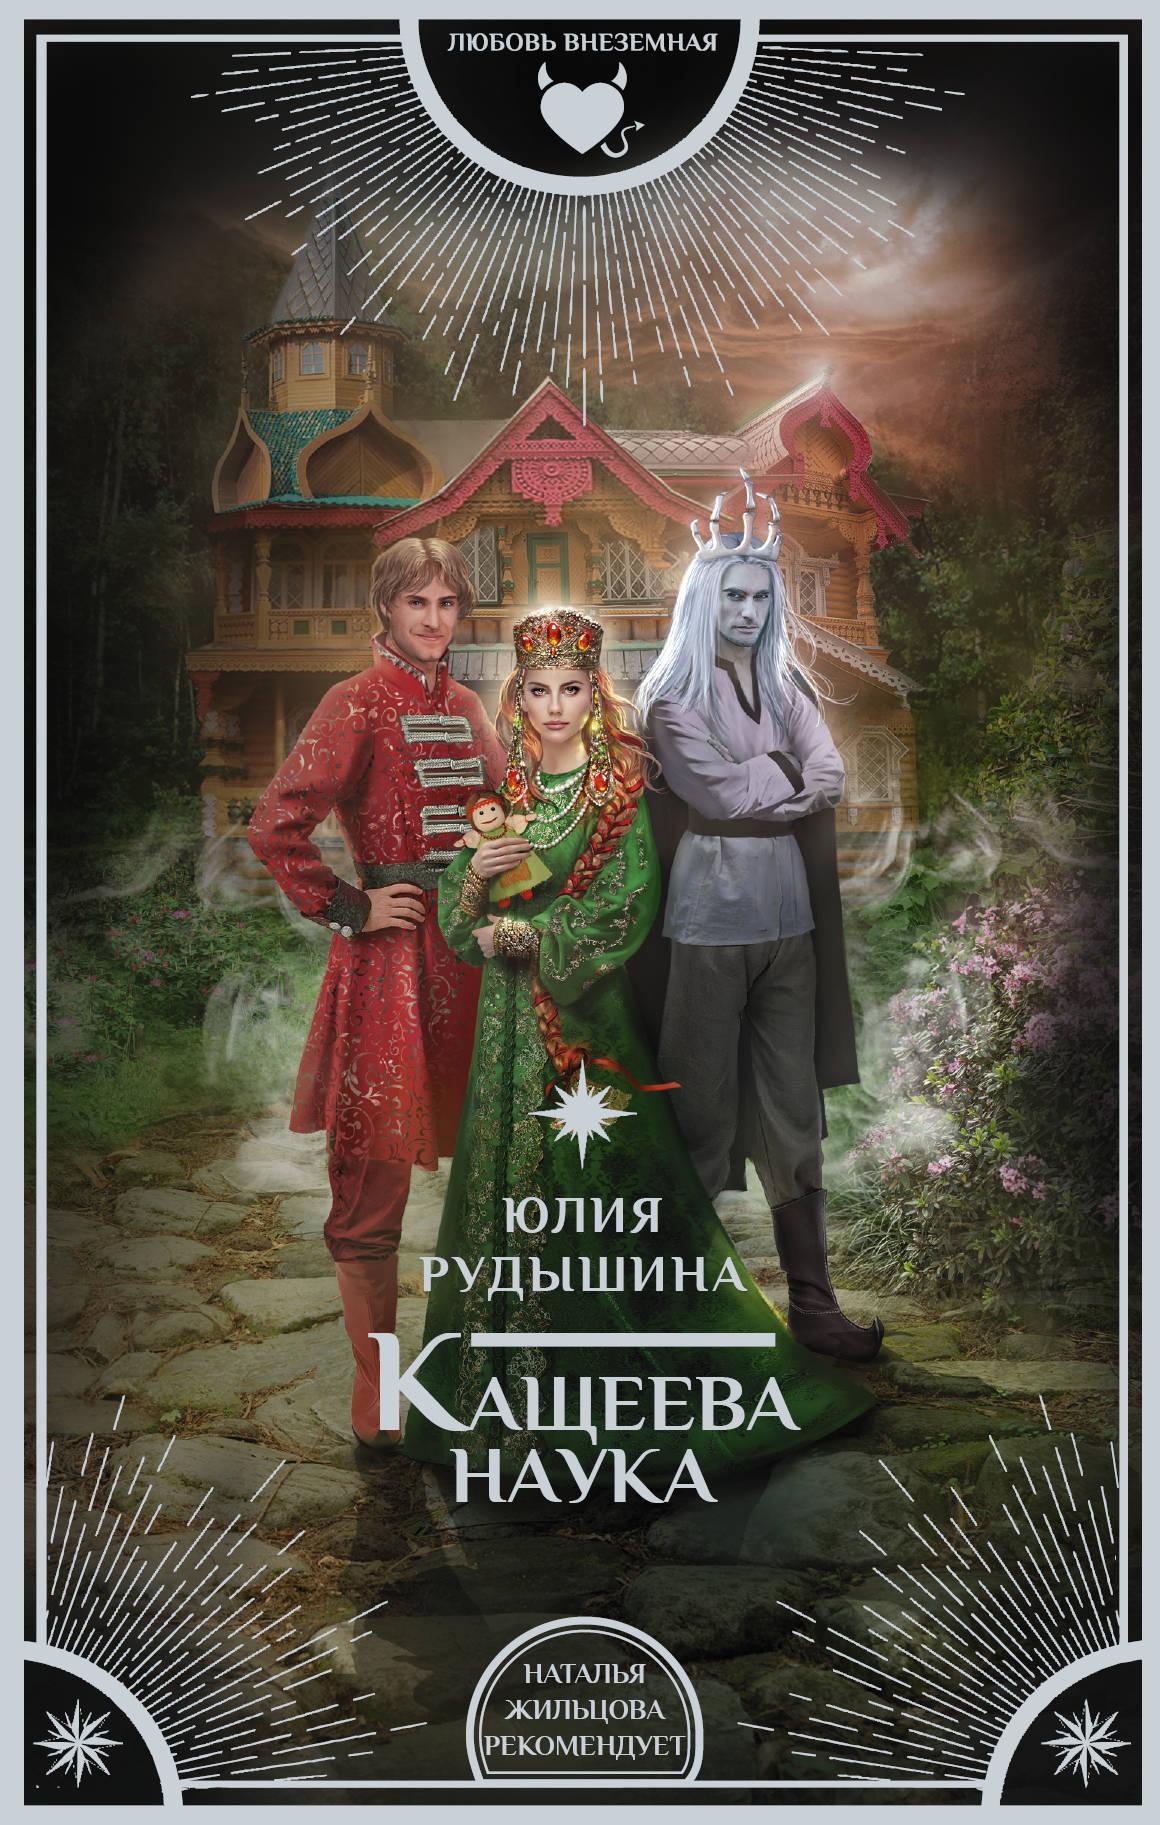 Рудышина Юлия Кащеева наука